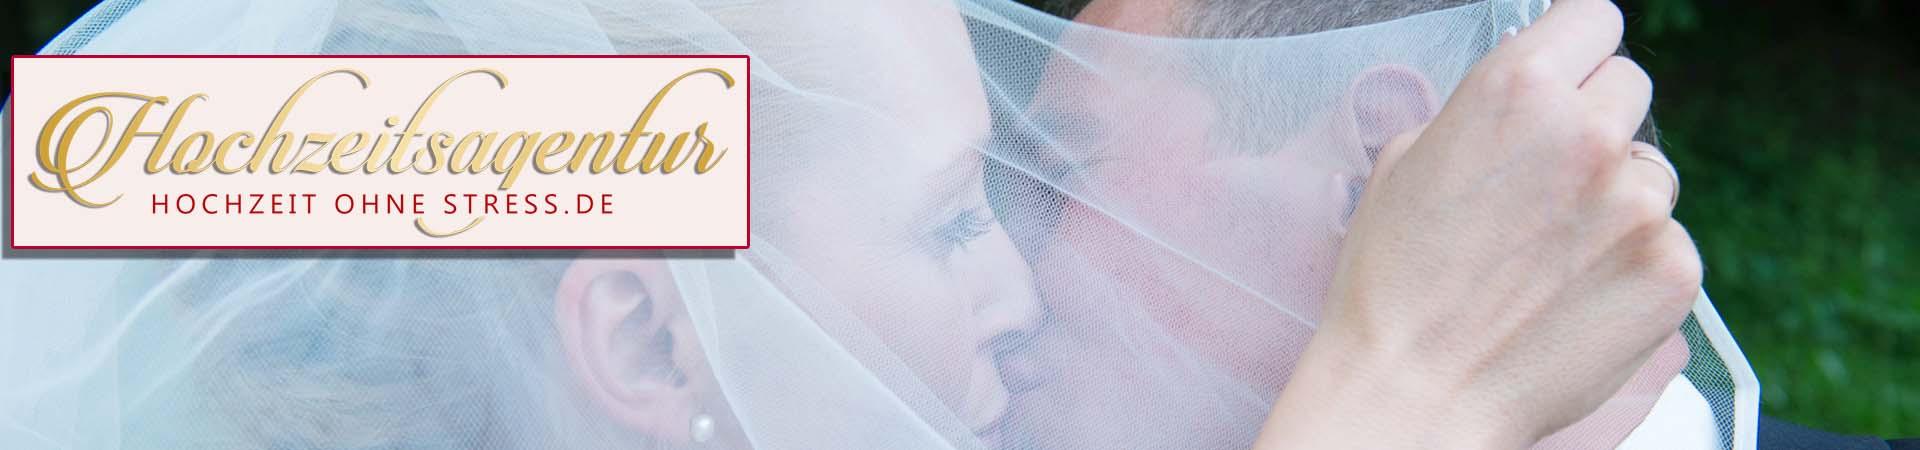 Hochzeitsplaner-Dresden-Hochzeitsagentur-HochzeitOhneStress-Bild04b